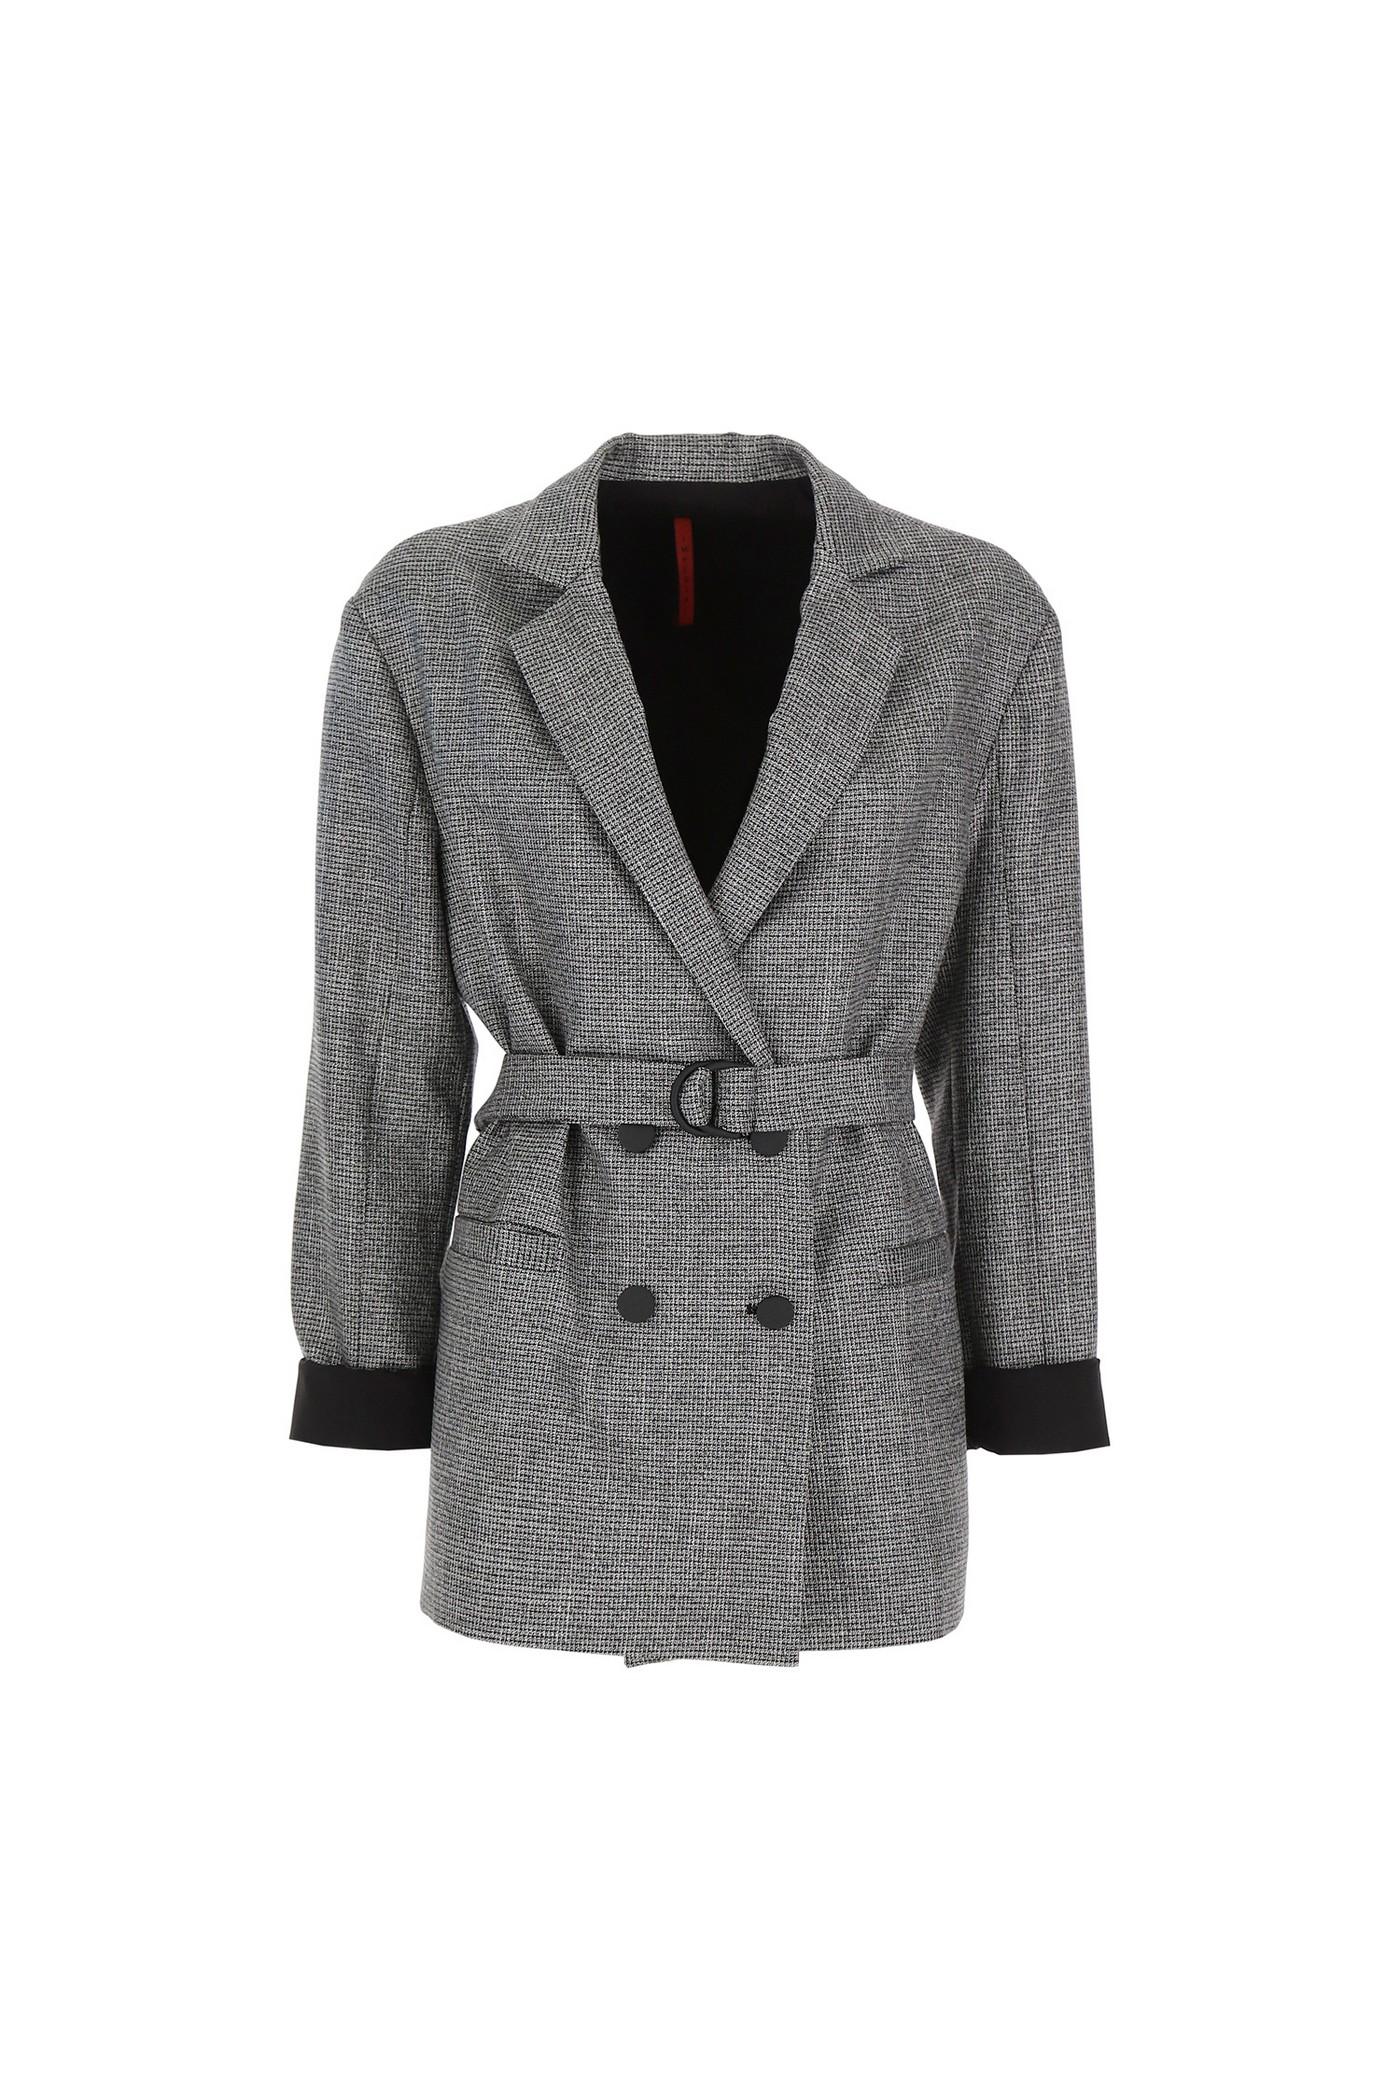 Стильний піджак в сірому кольорі Imperial